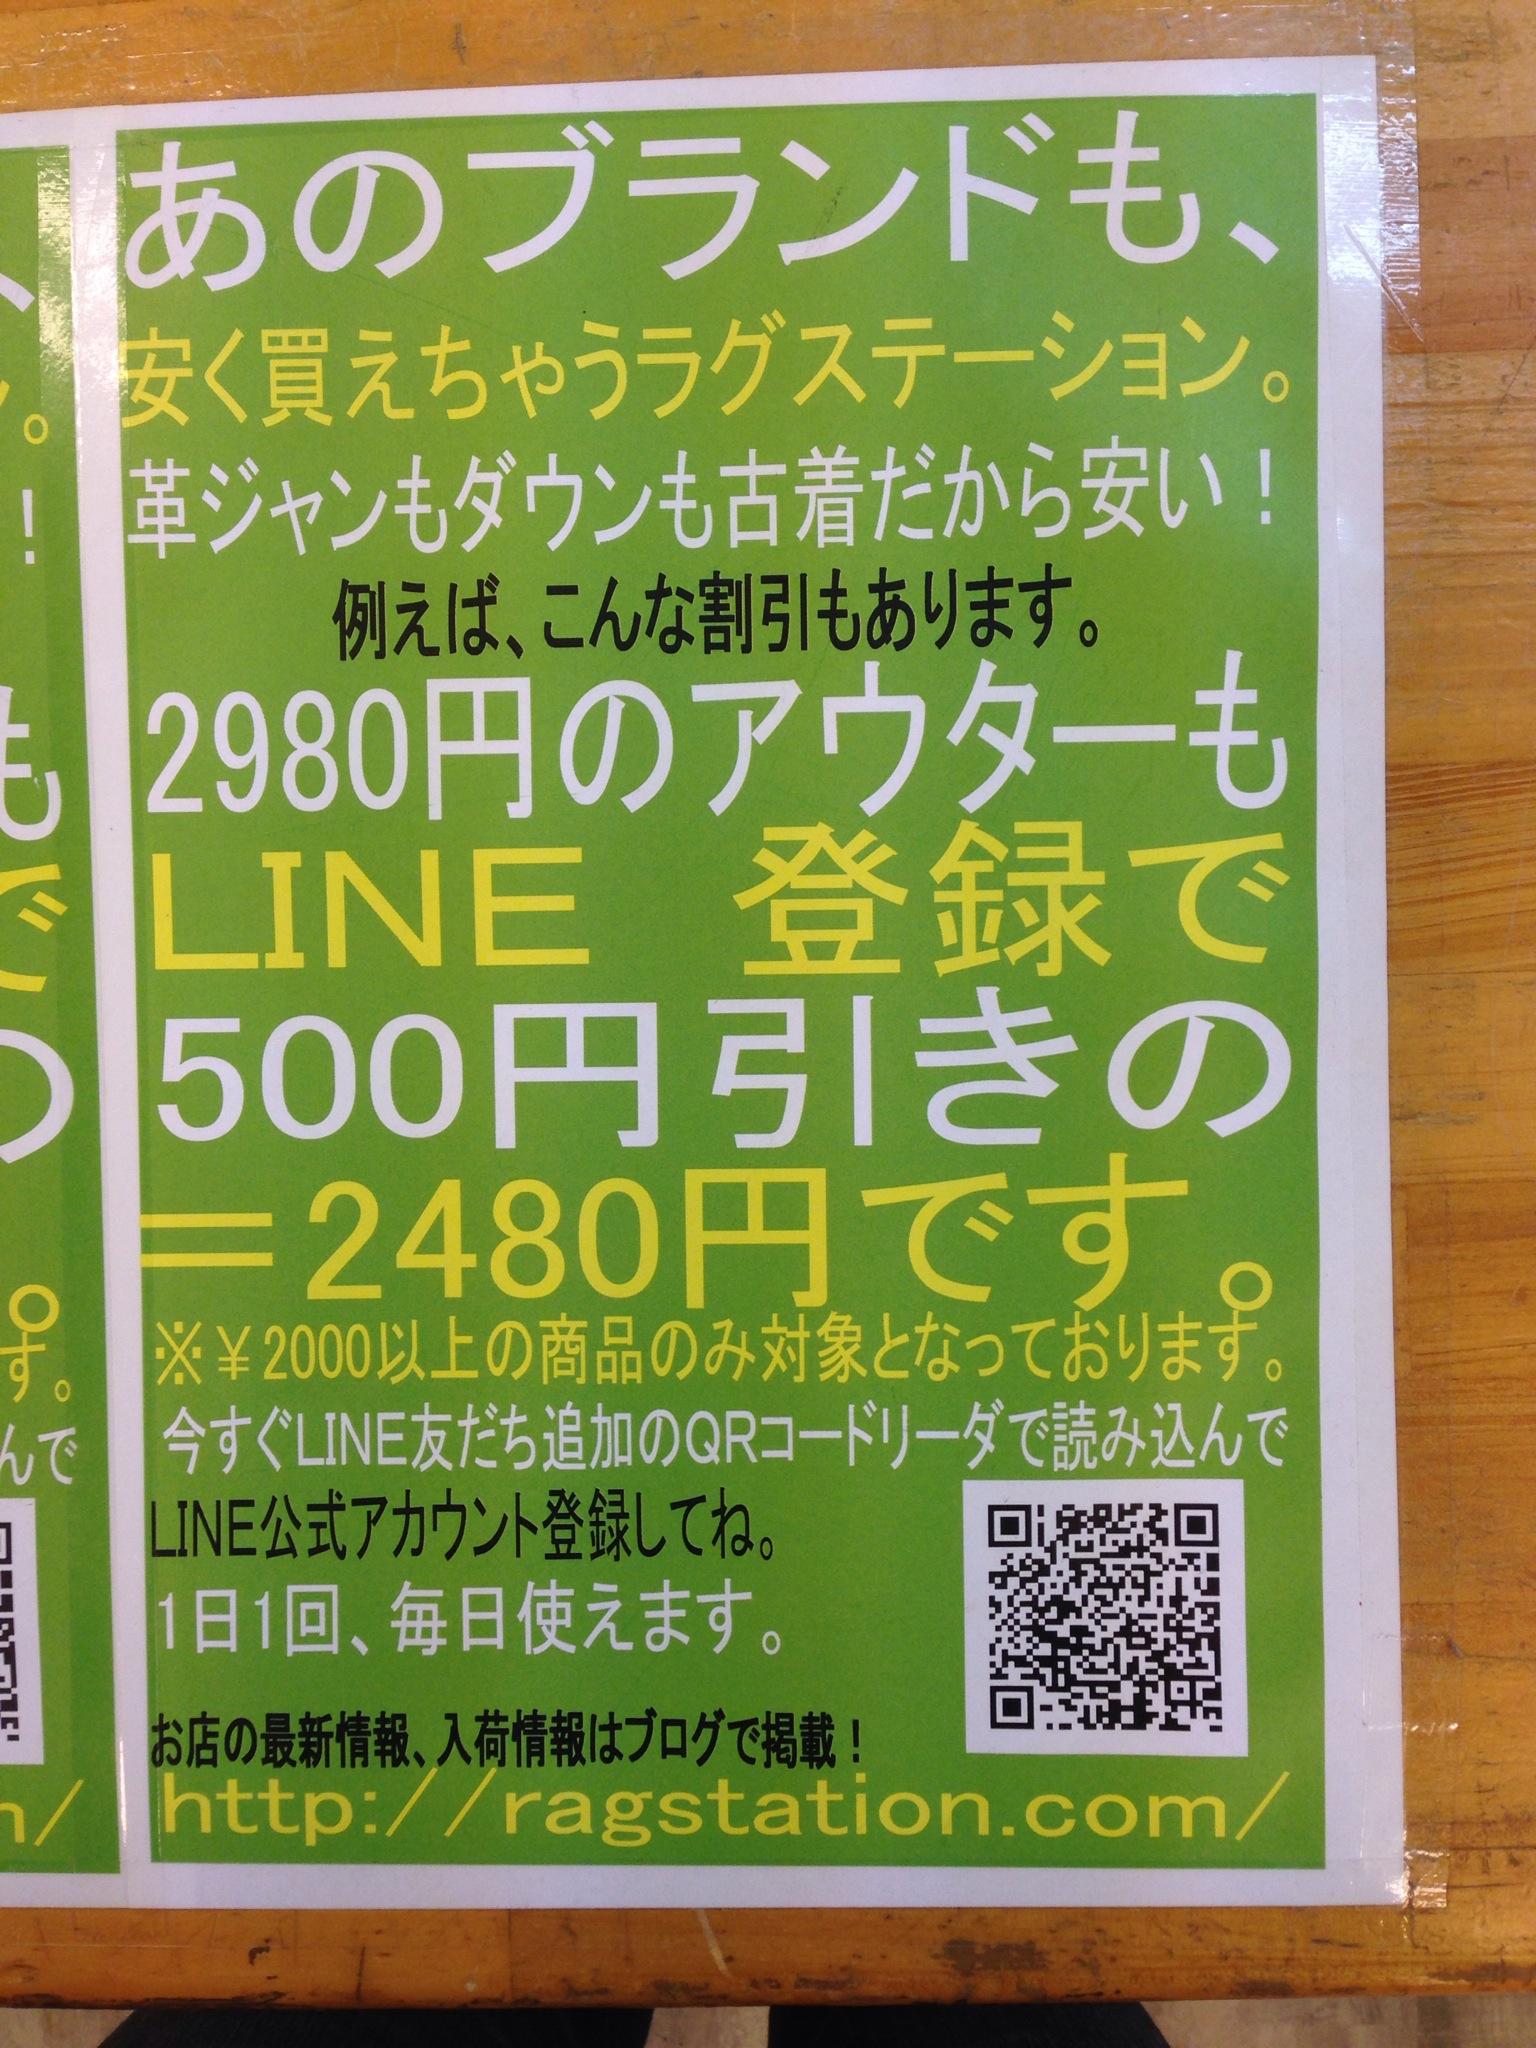 ブランドバッグ 財布 小物 ラグステーション瑞穂 16号沿い 入間アウトレット付近 福生 横田基地側